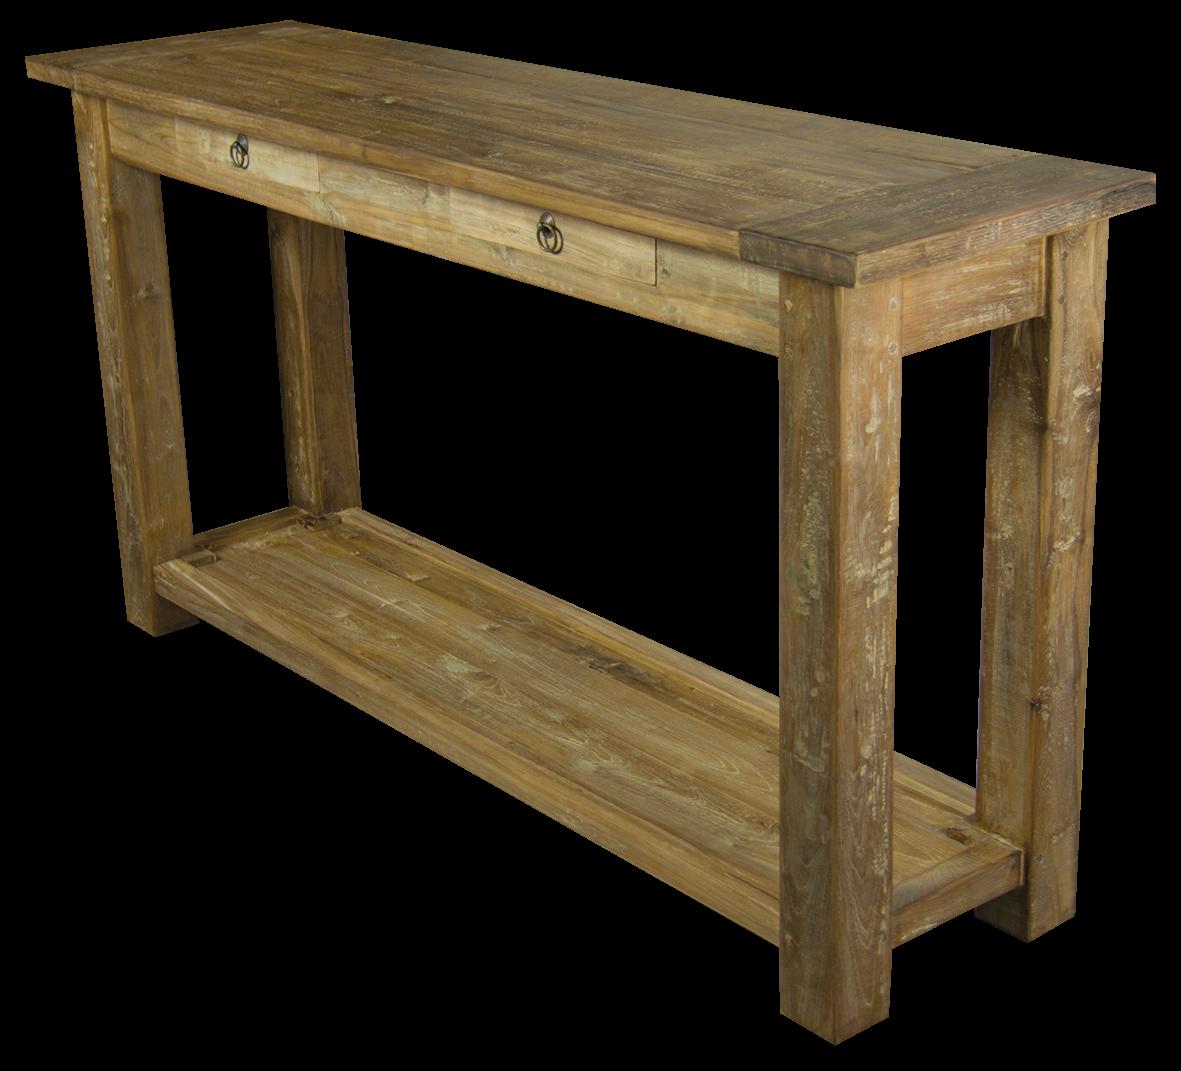 Wandtisch Konsole Konsolentisch Teak Teakmöbel Tisch Teakholz Möbel